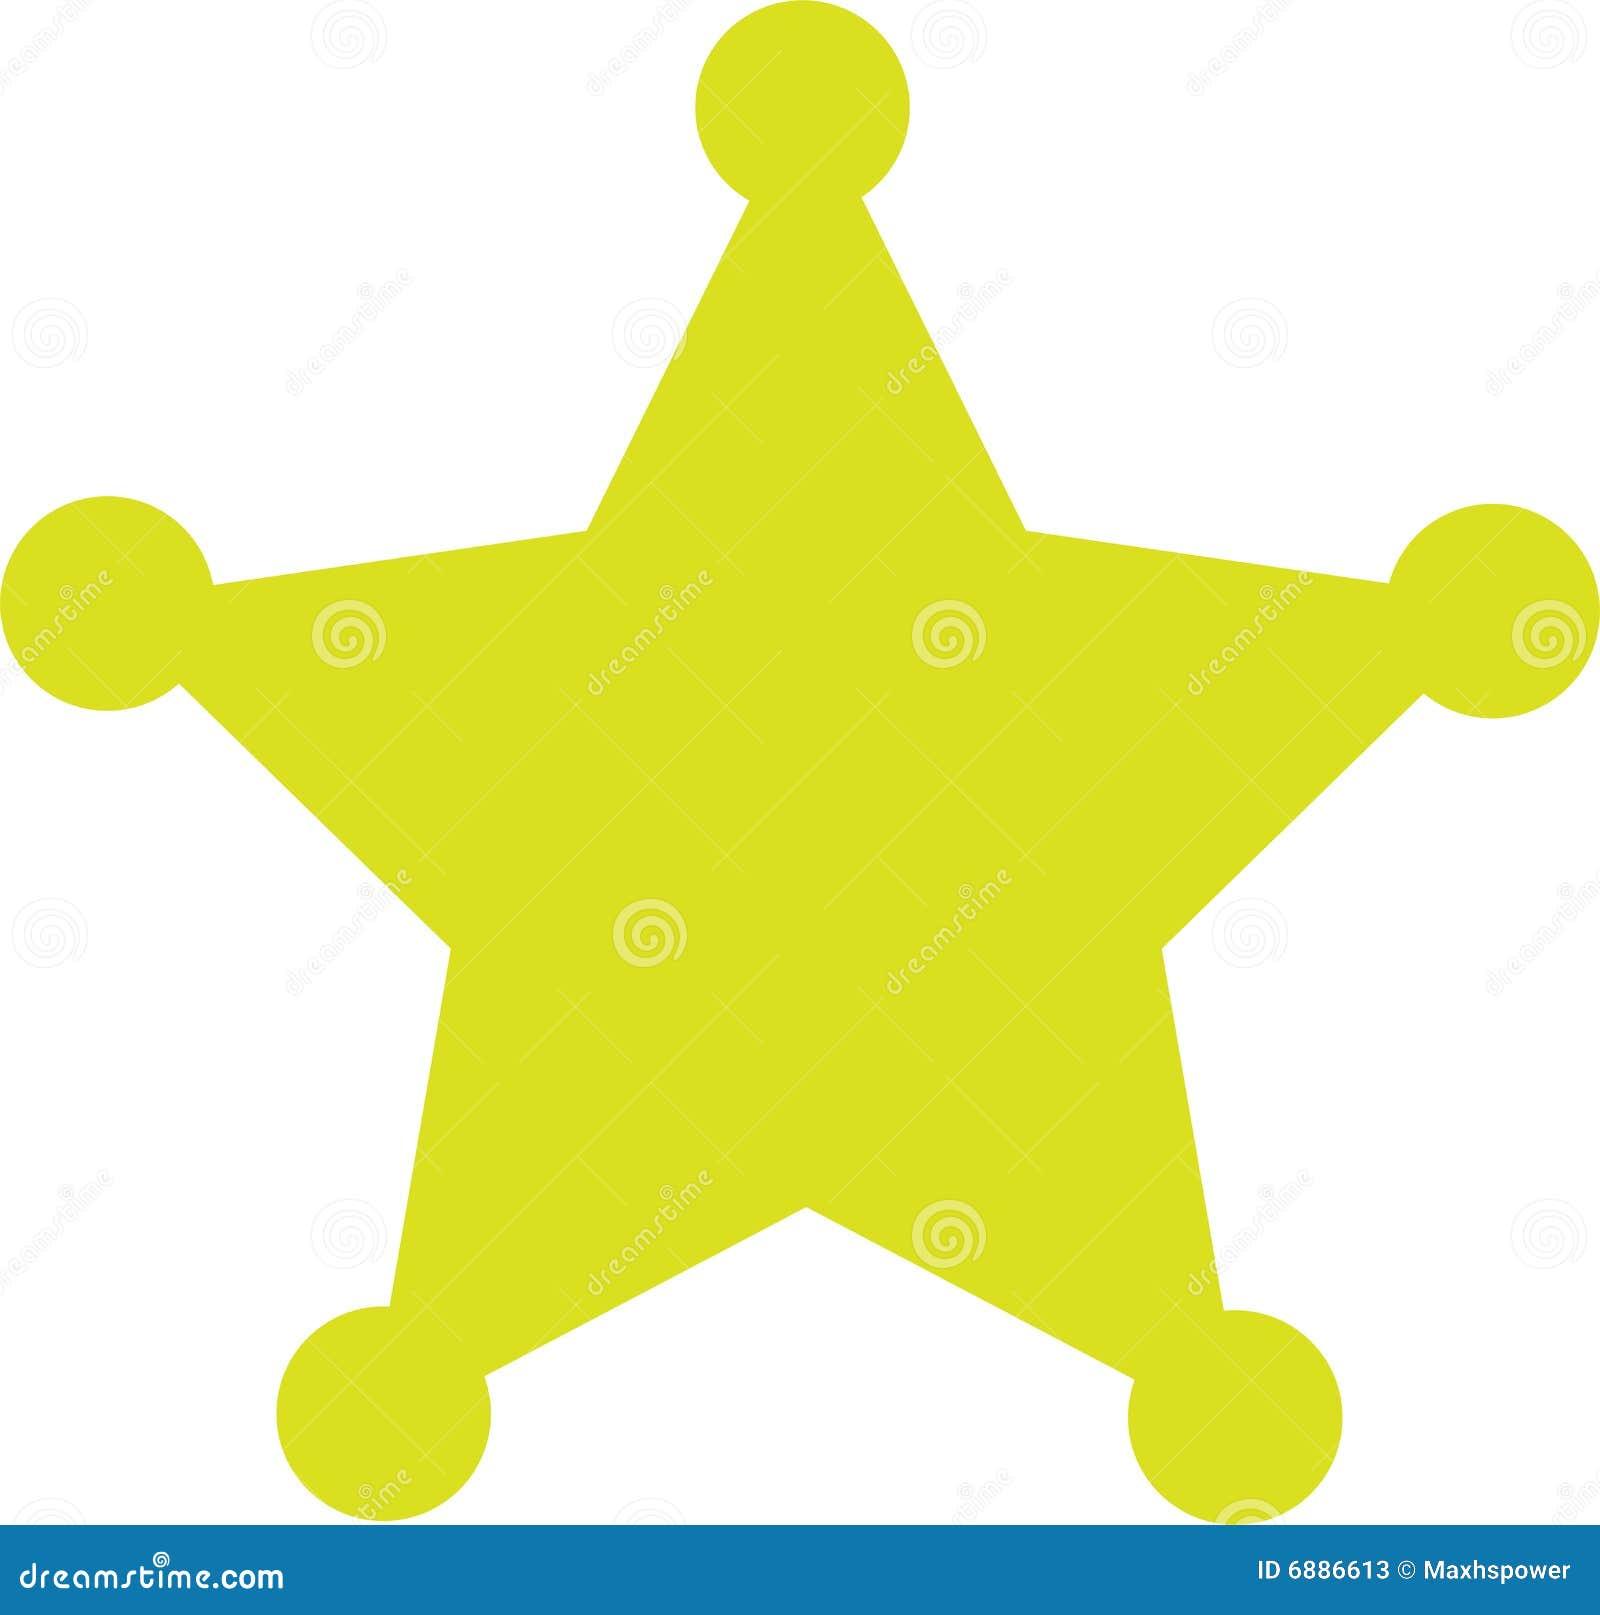 Sheriff Star Sheriff star